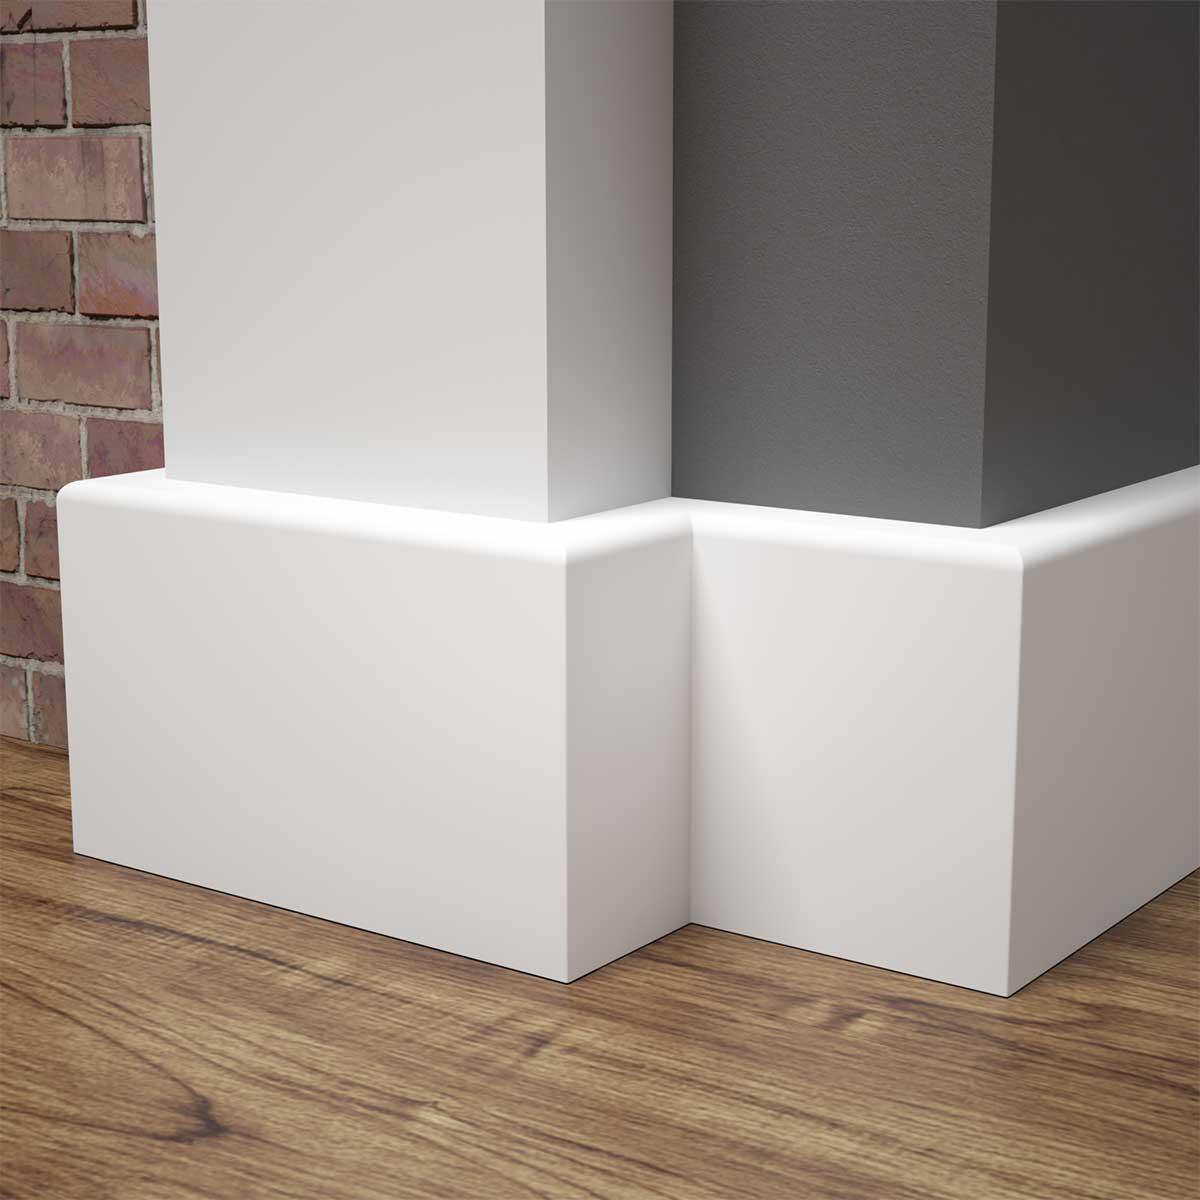 Listwa przypodłogowa MDF biała SKCM3, 8x1,2x244cm lakierowana wilgocioodporna, cena za mb.